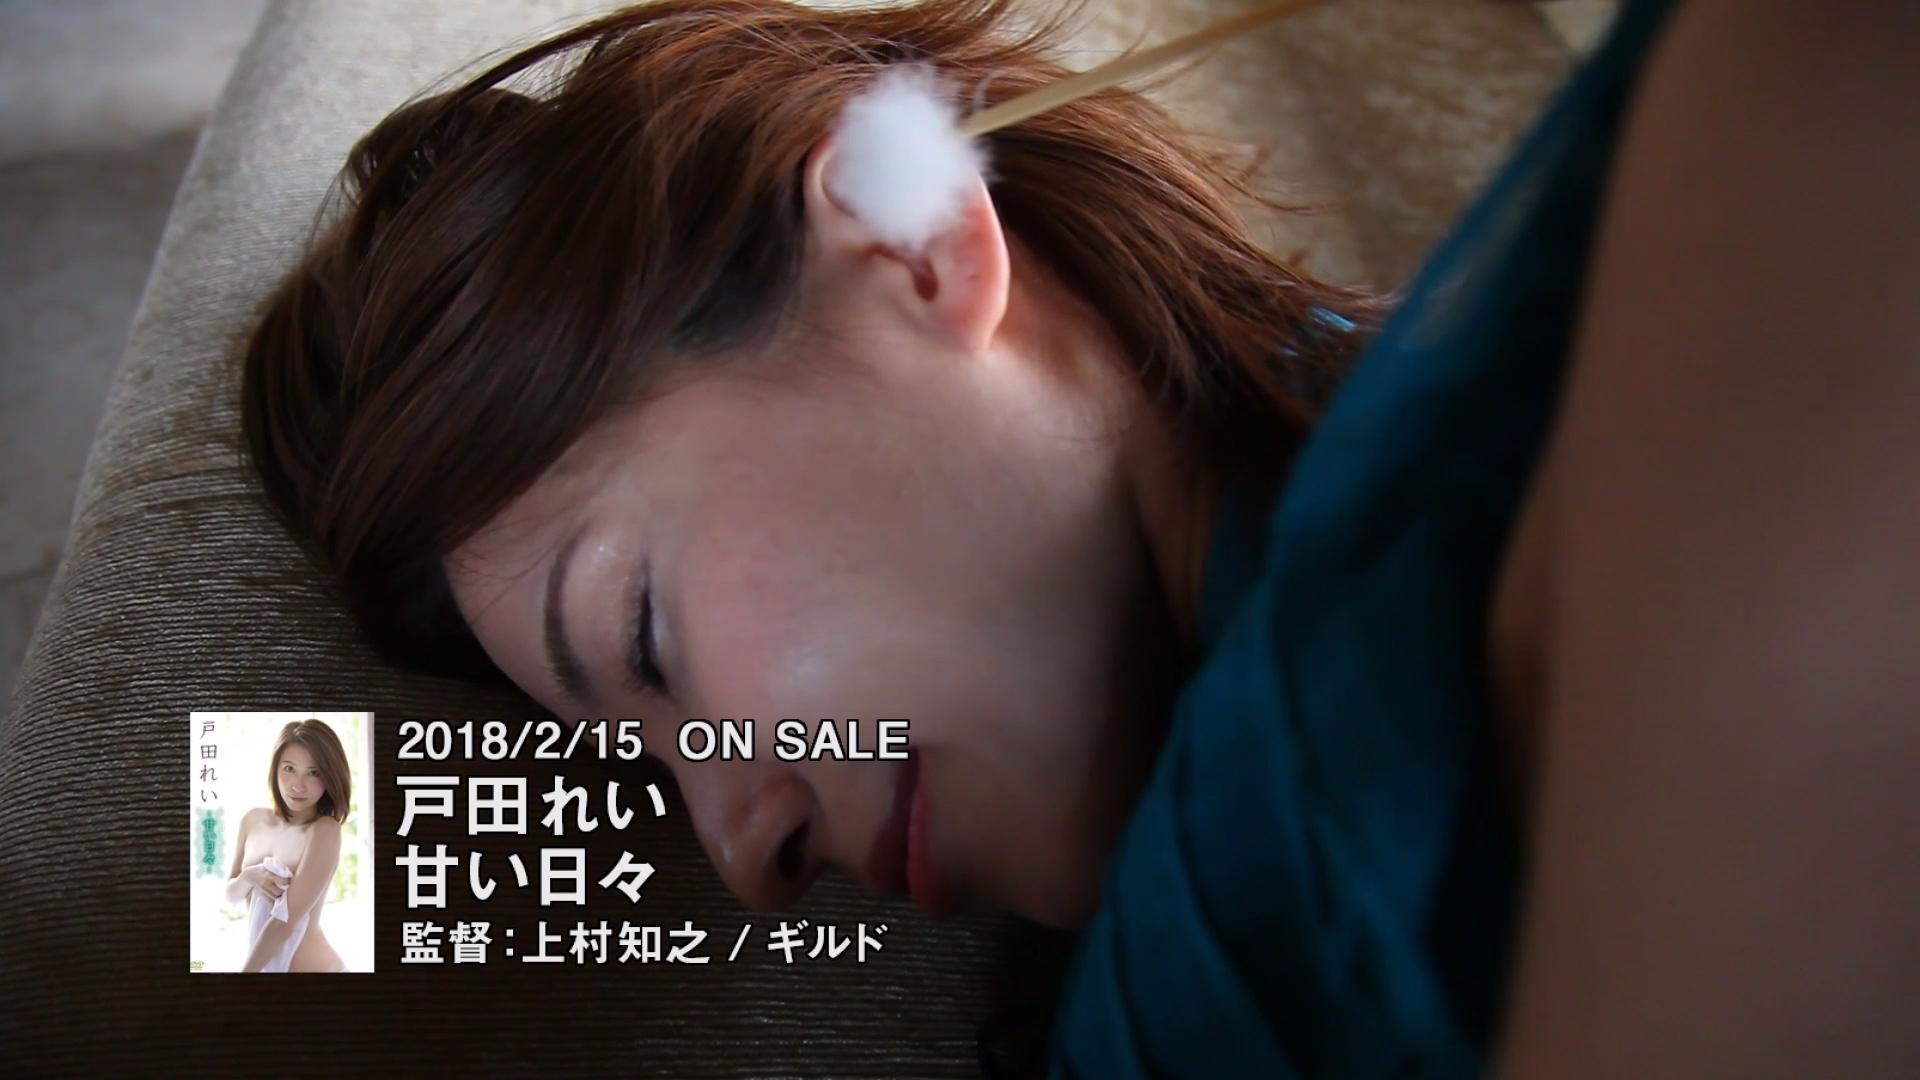 戸田れいのイメージDVDエロ画像068